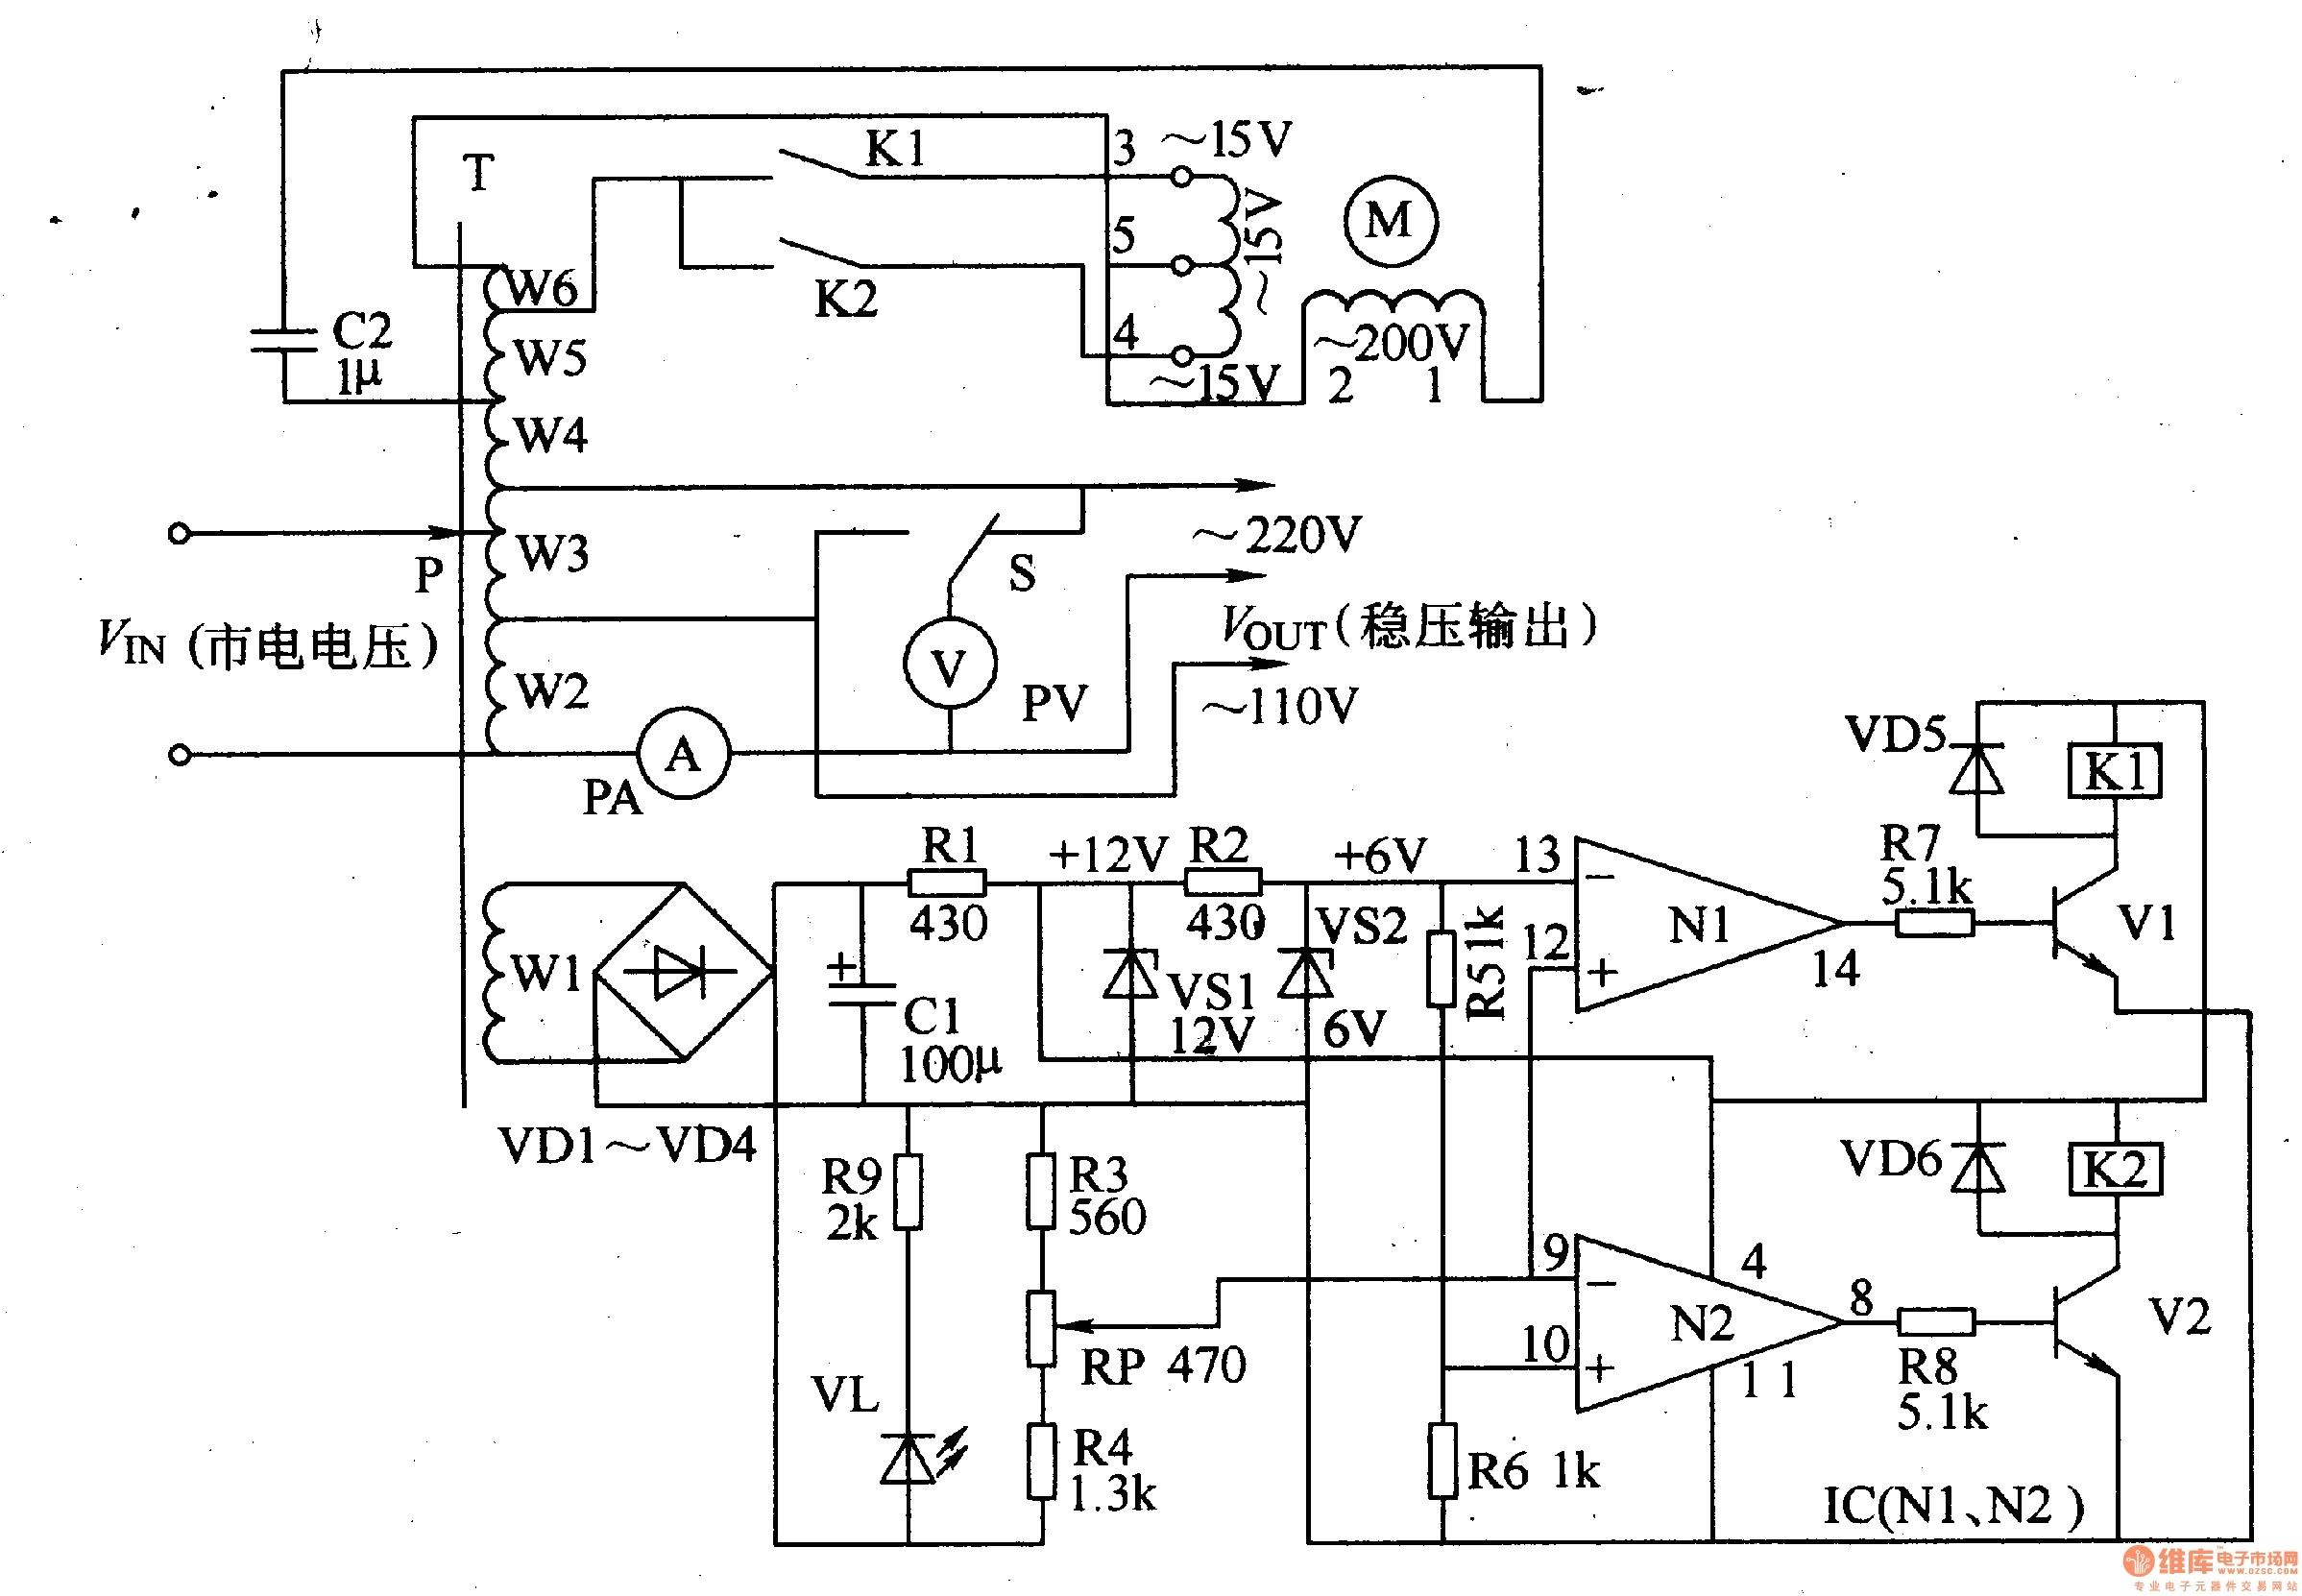 wiring diagram of dc generator fresh circuit diagram brush generator avr generator wiring generator avr diagram